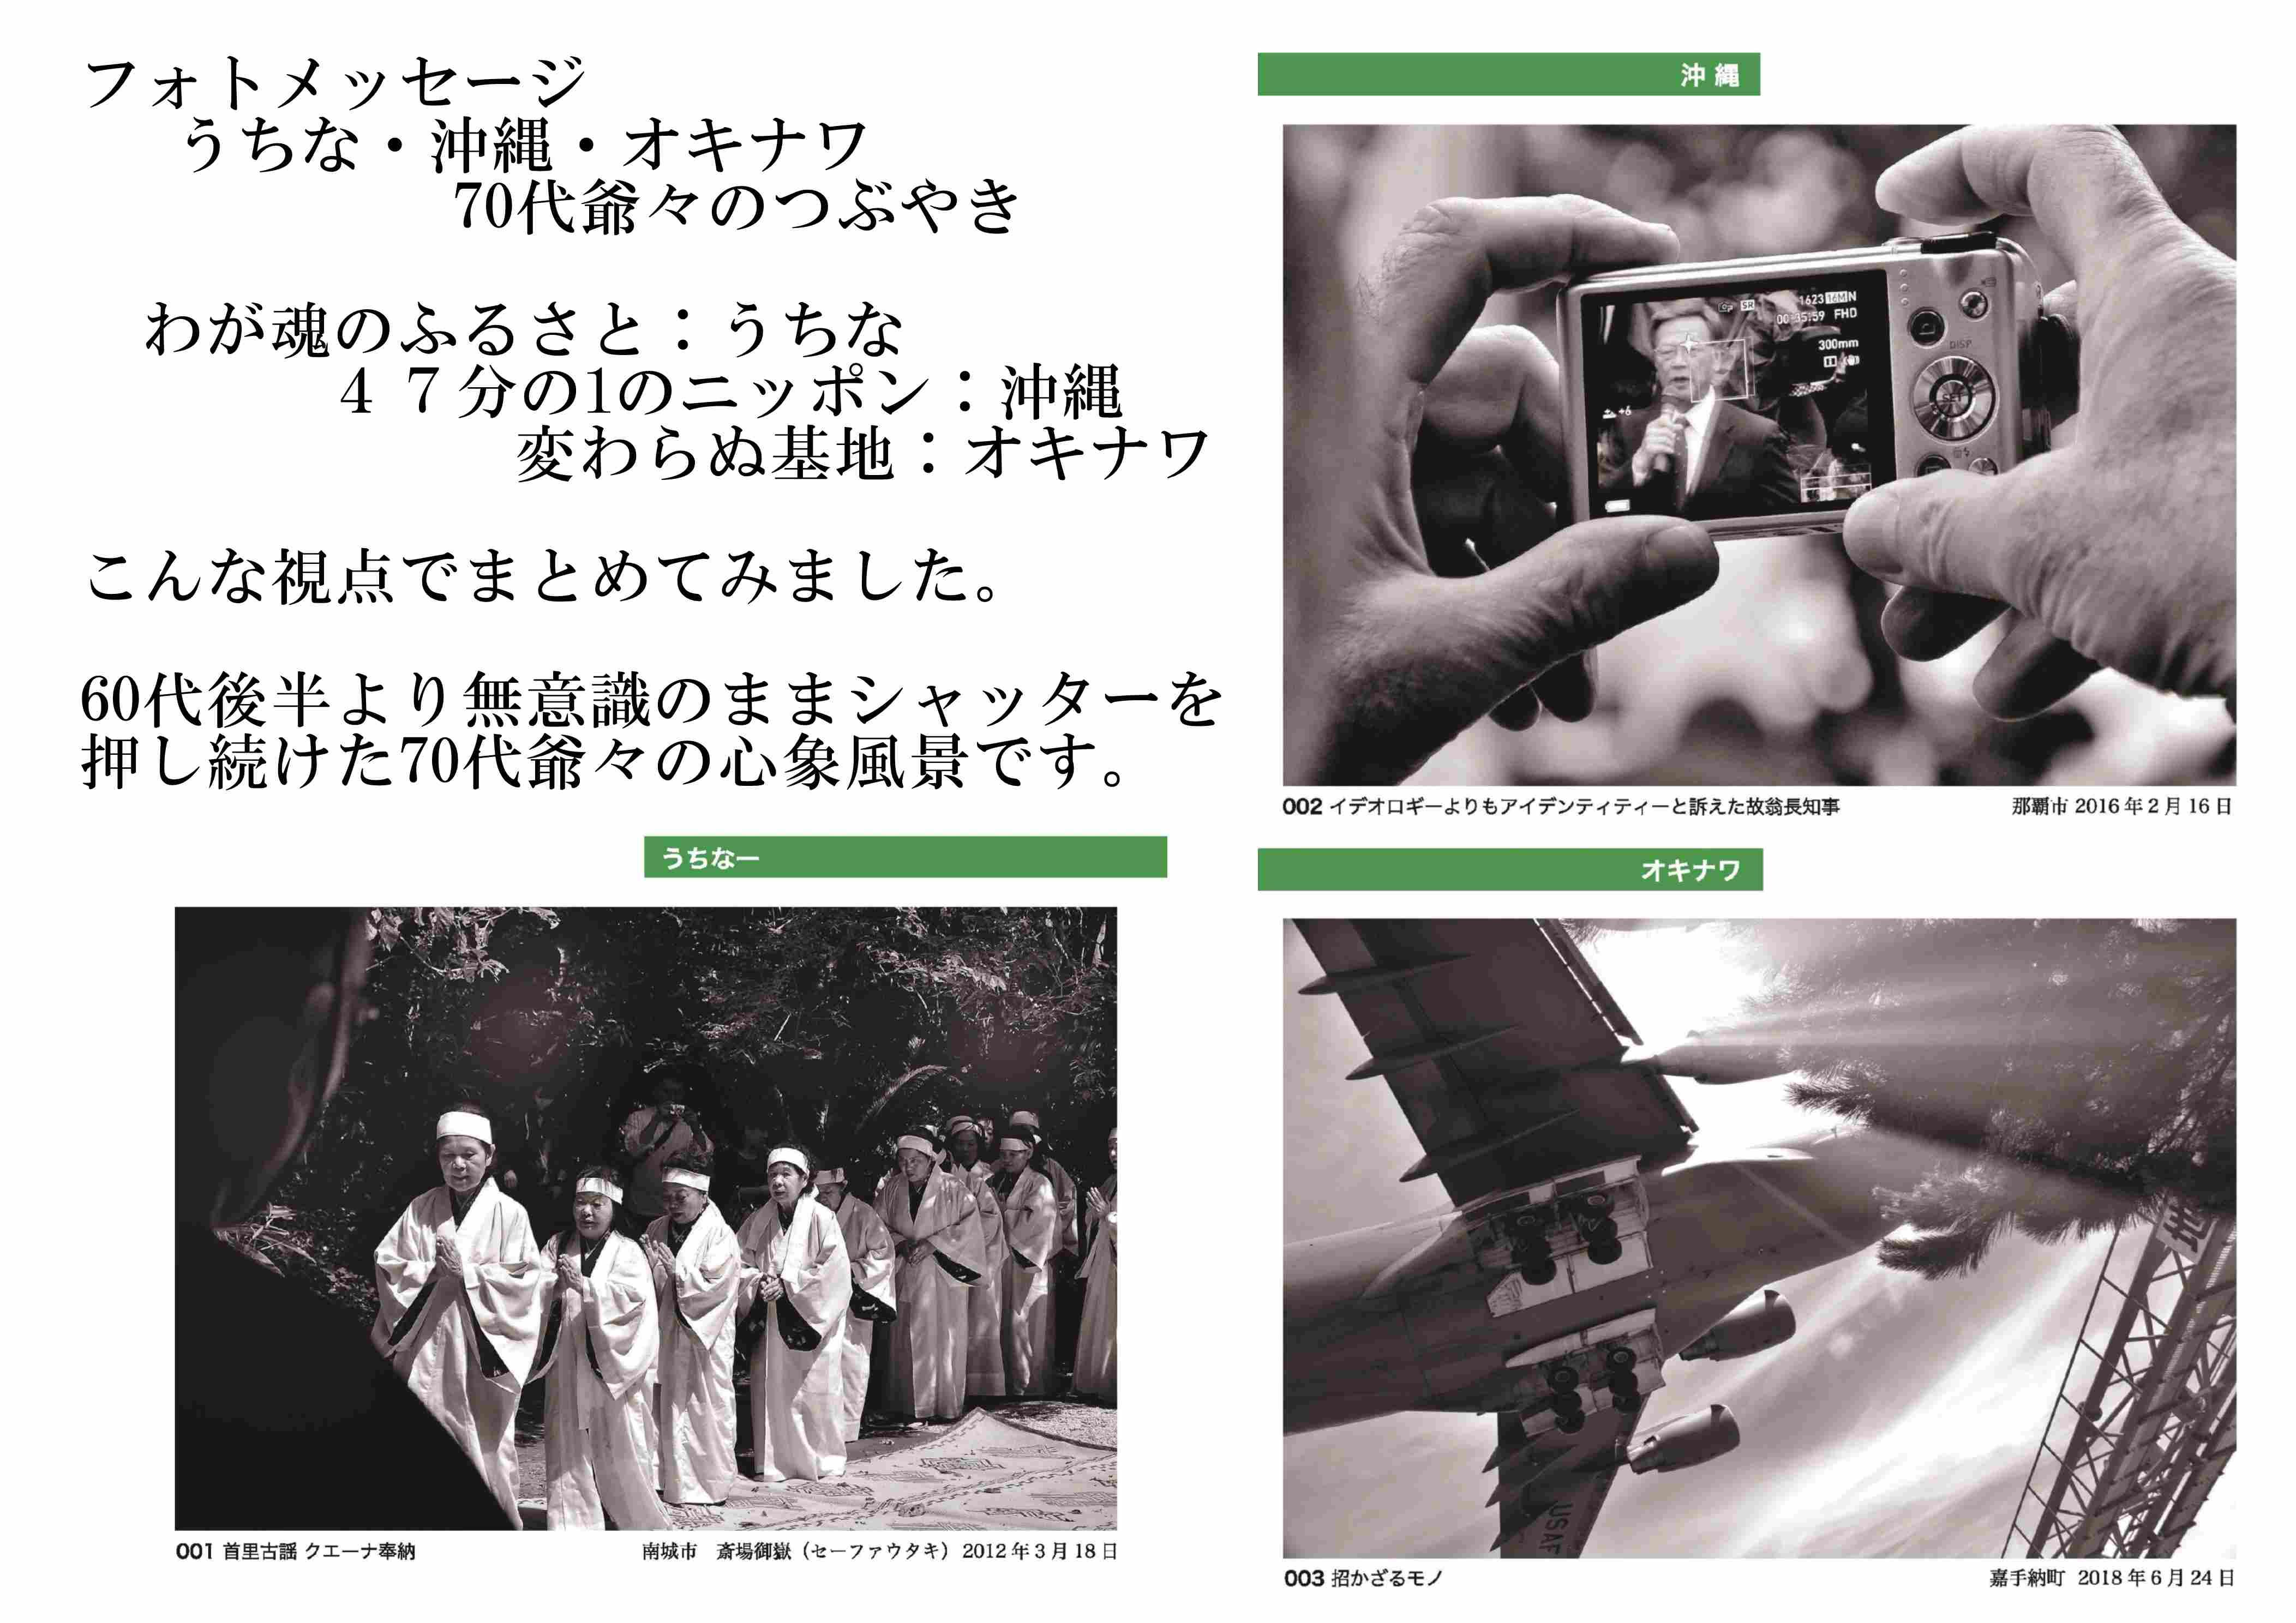 瀬底眞守フォトメッセージ「うちなー 沖縄 オキナワ 70代爺々のつぶやき」